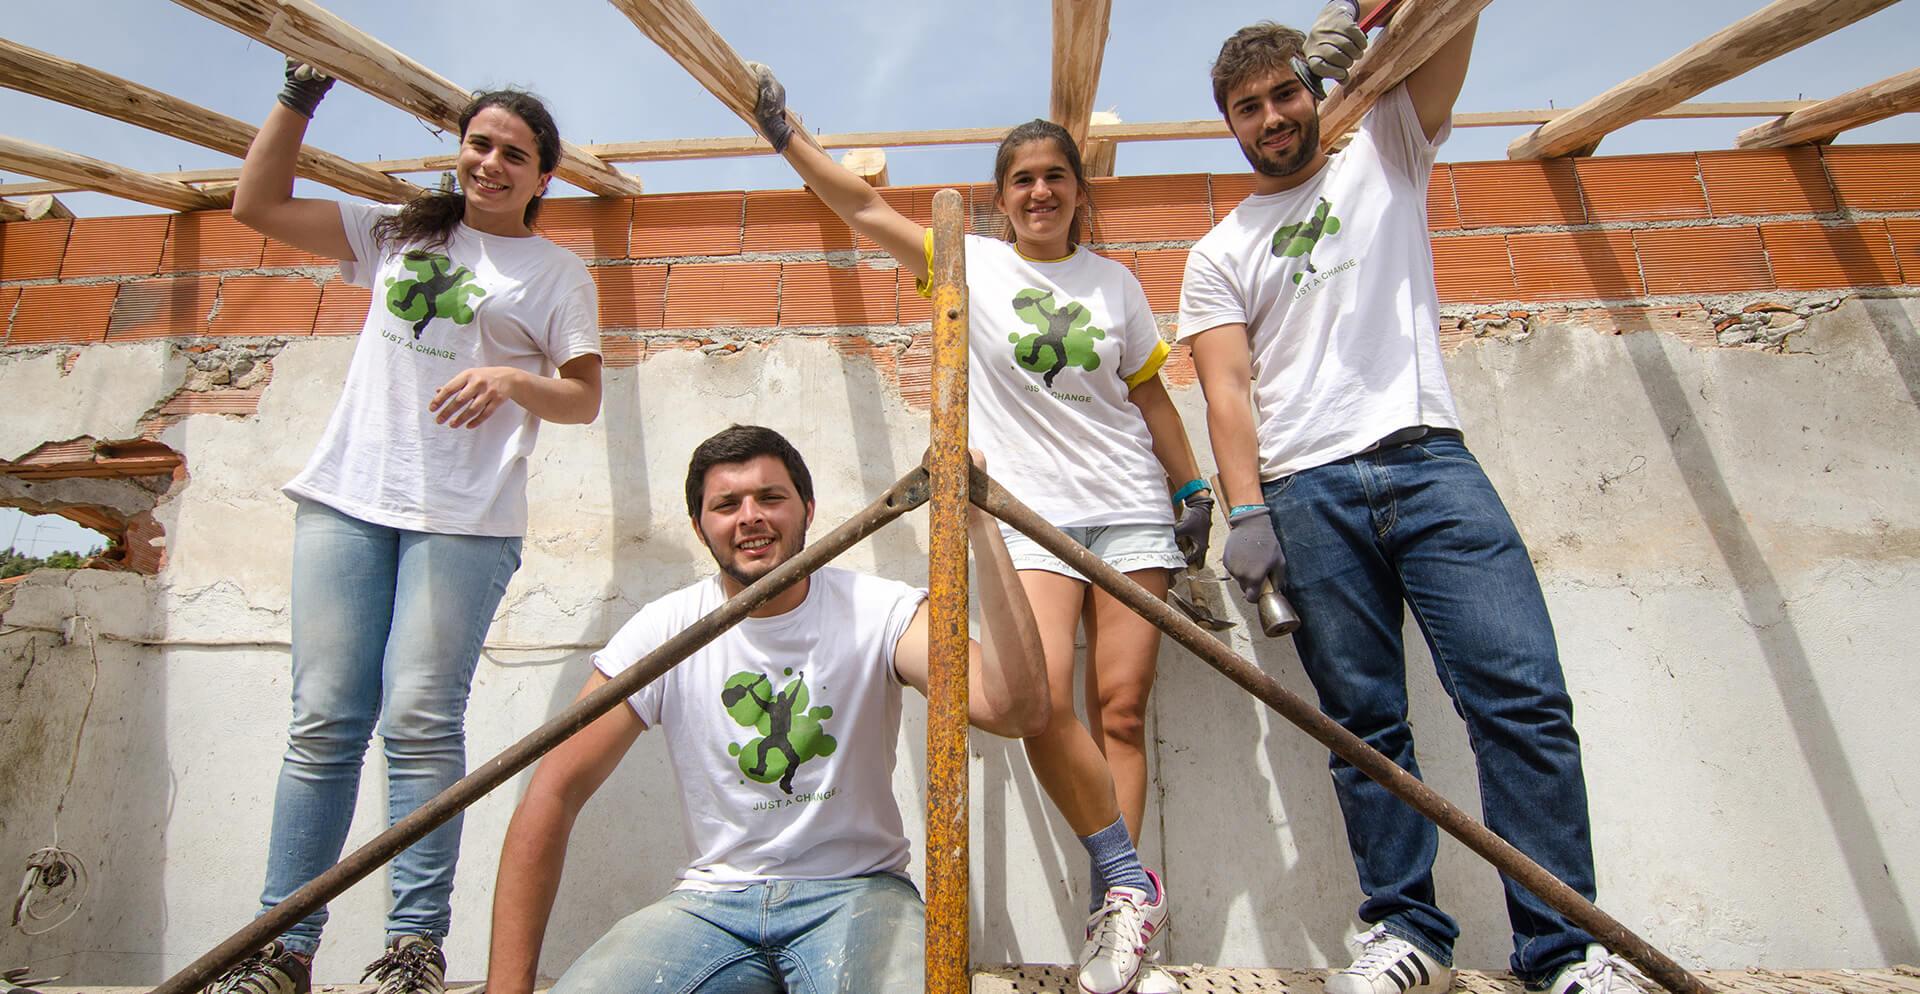 Construção e Construção de Projetos Voluntários no Exterior